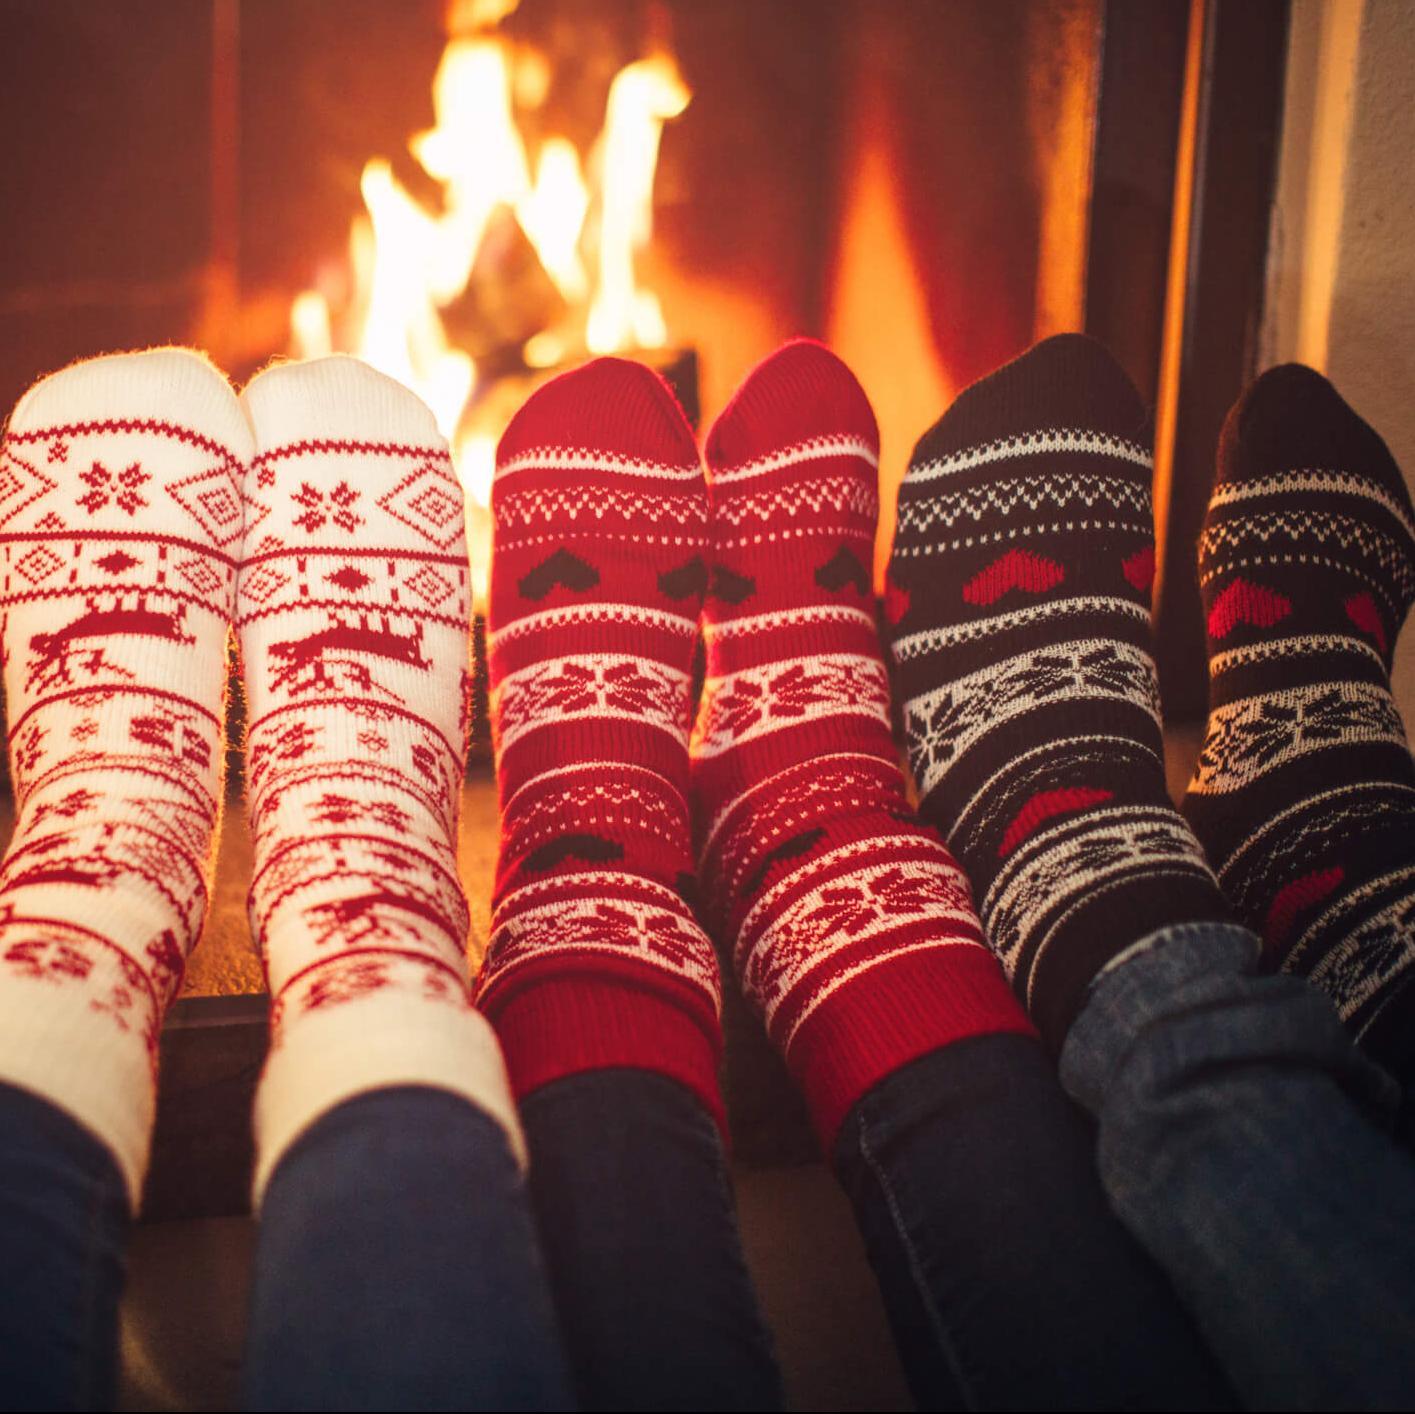 Se protéger des risques d'accidents domestiques en hiver